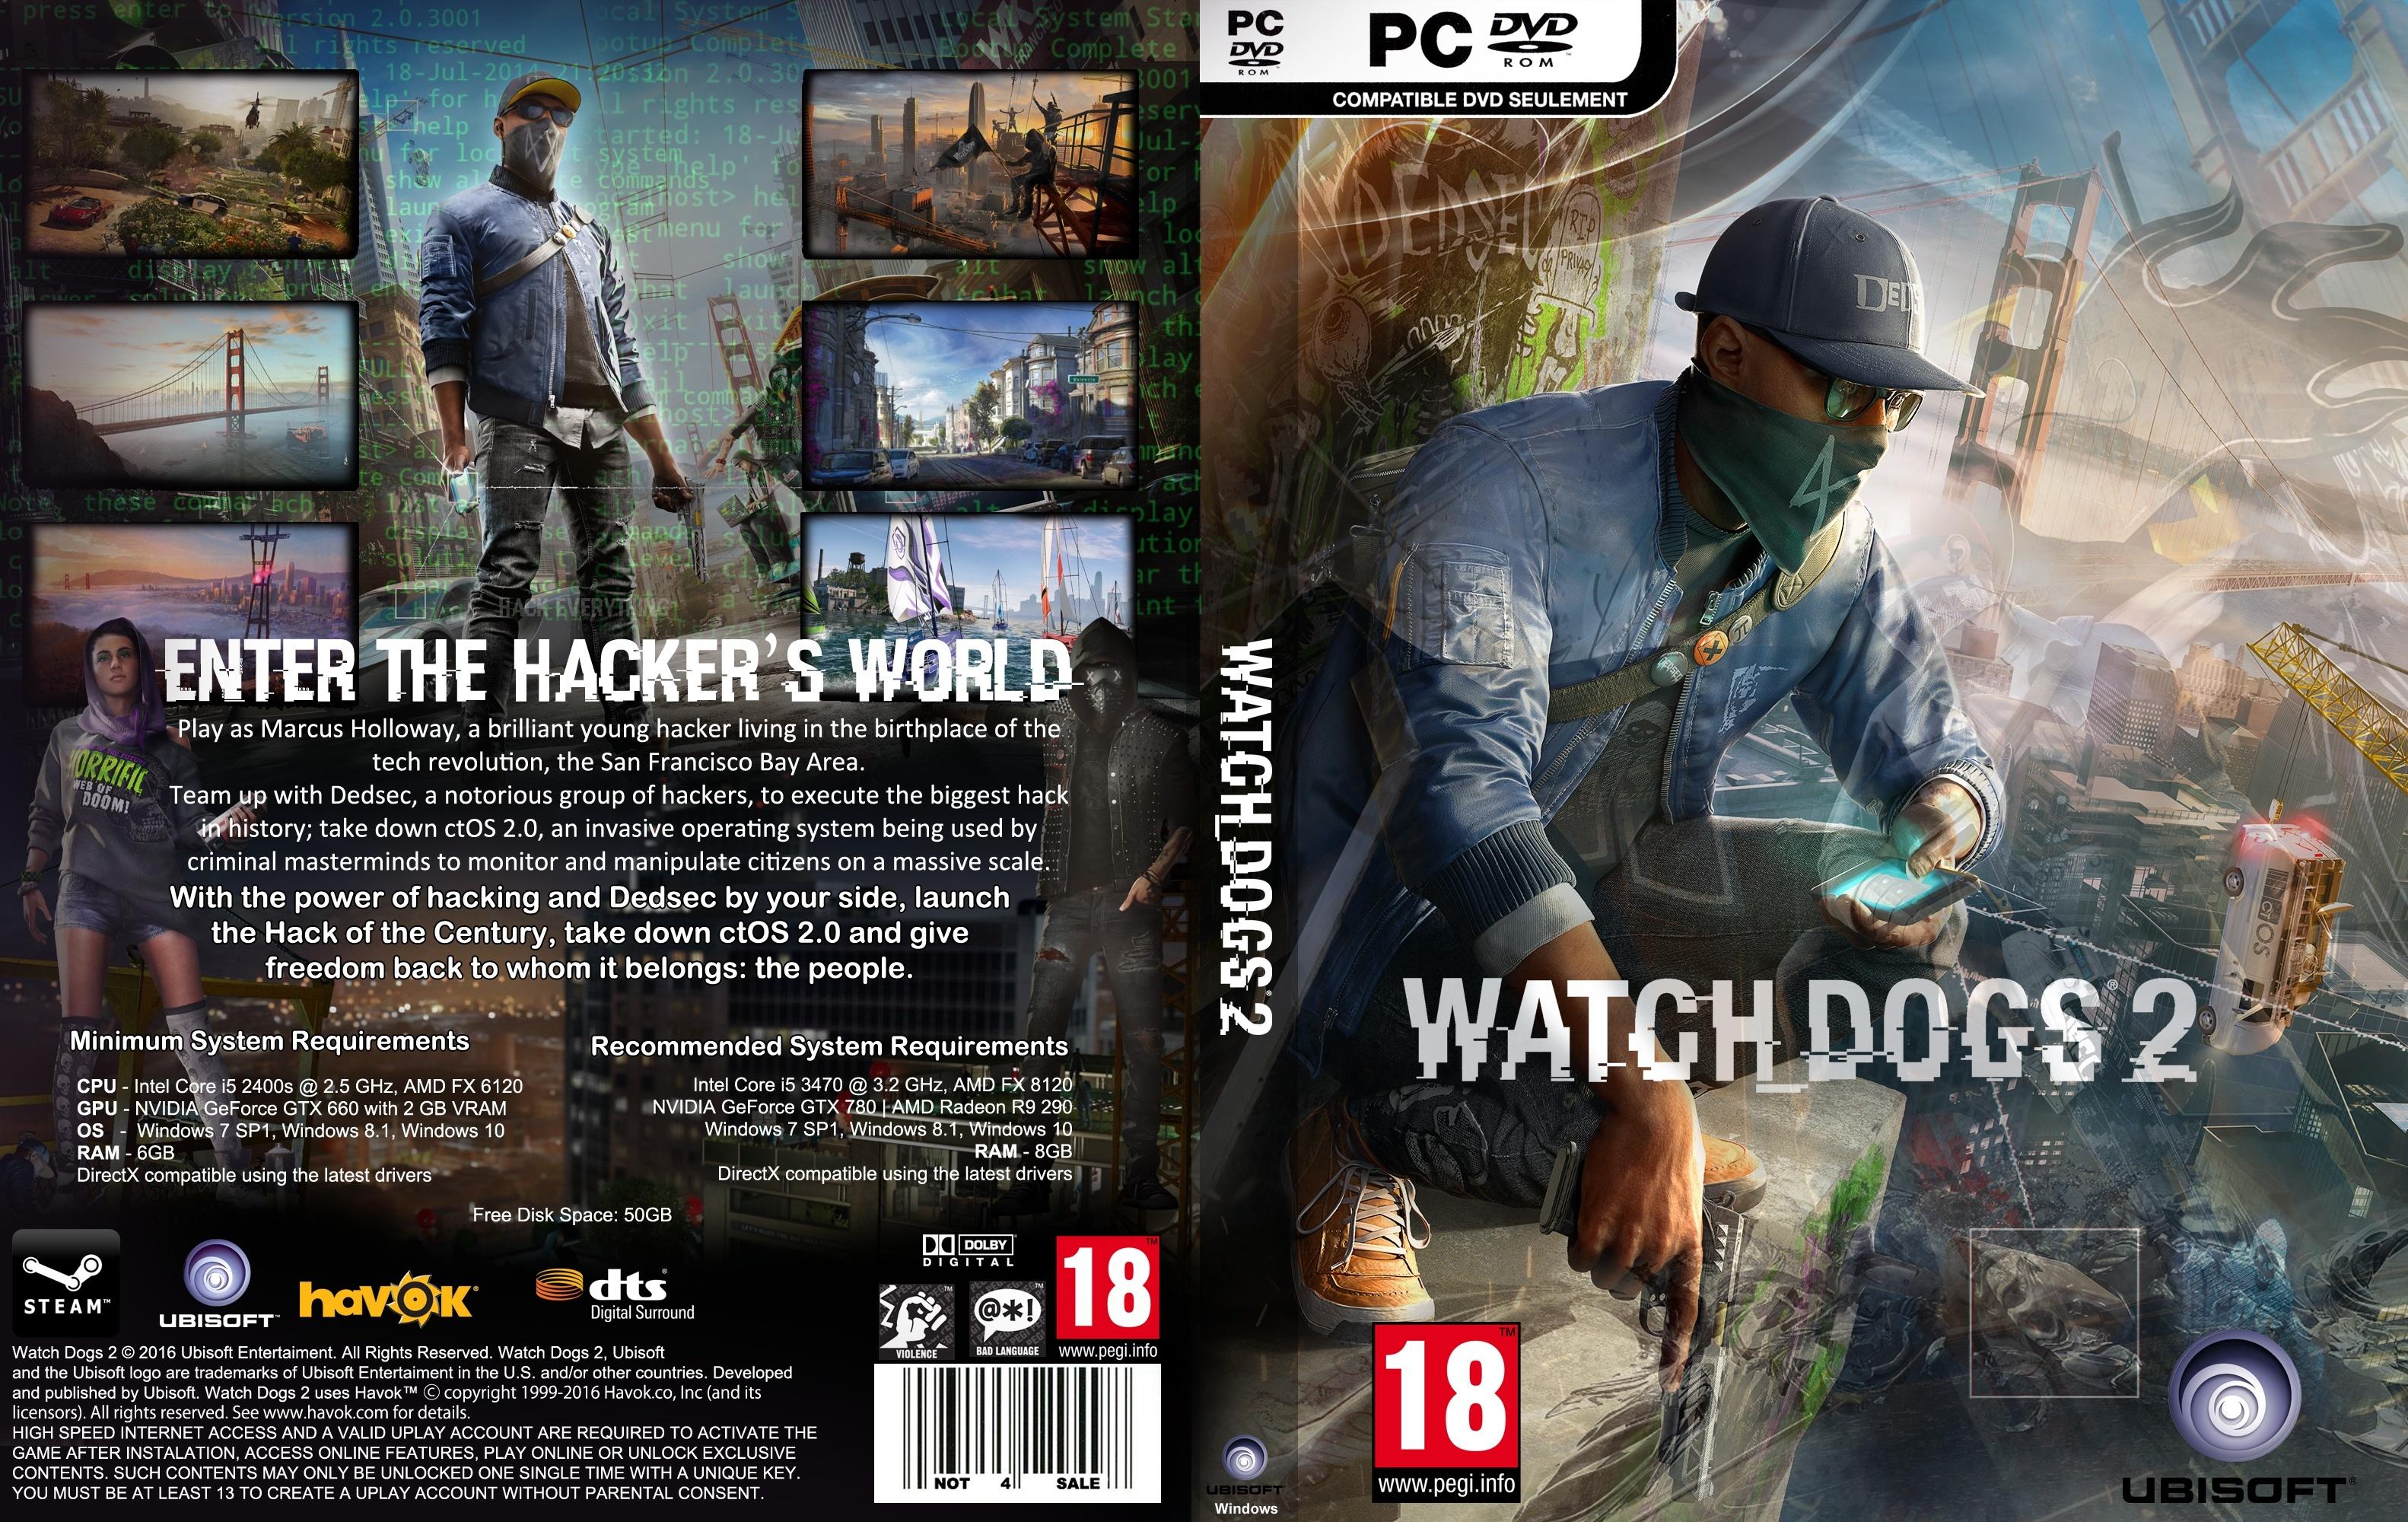 jma games weblog - دانلود نسخه کرک شده بازی watch dogs 2 برای pc